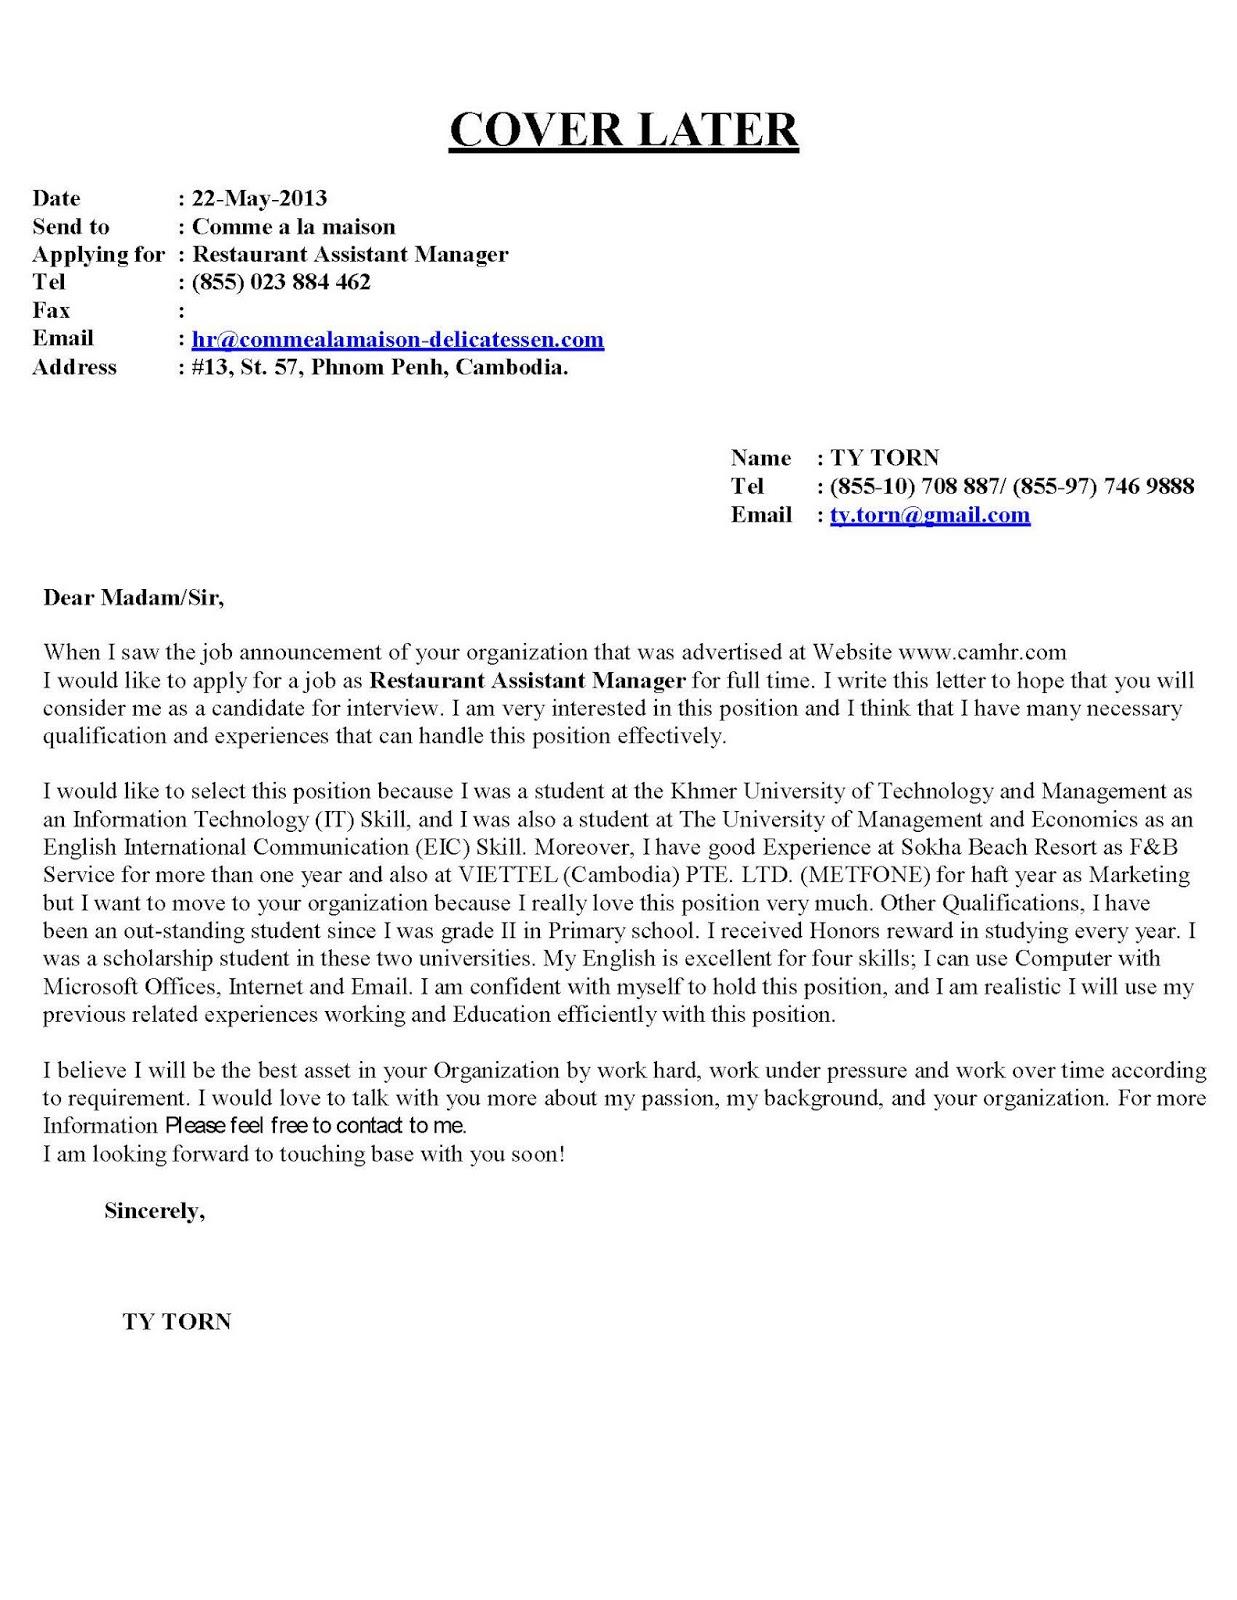 Cover Letter Cv | Resume Cover Letter Template 2017 Resume Builder